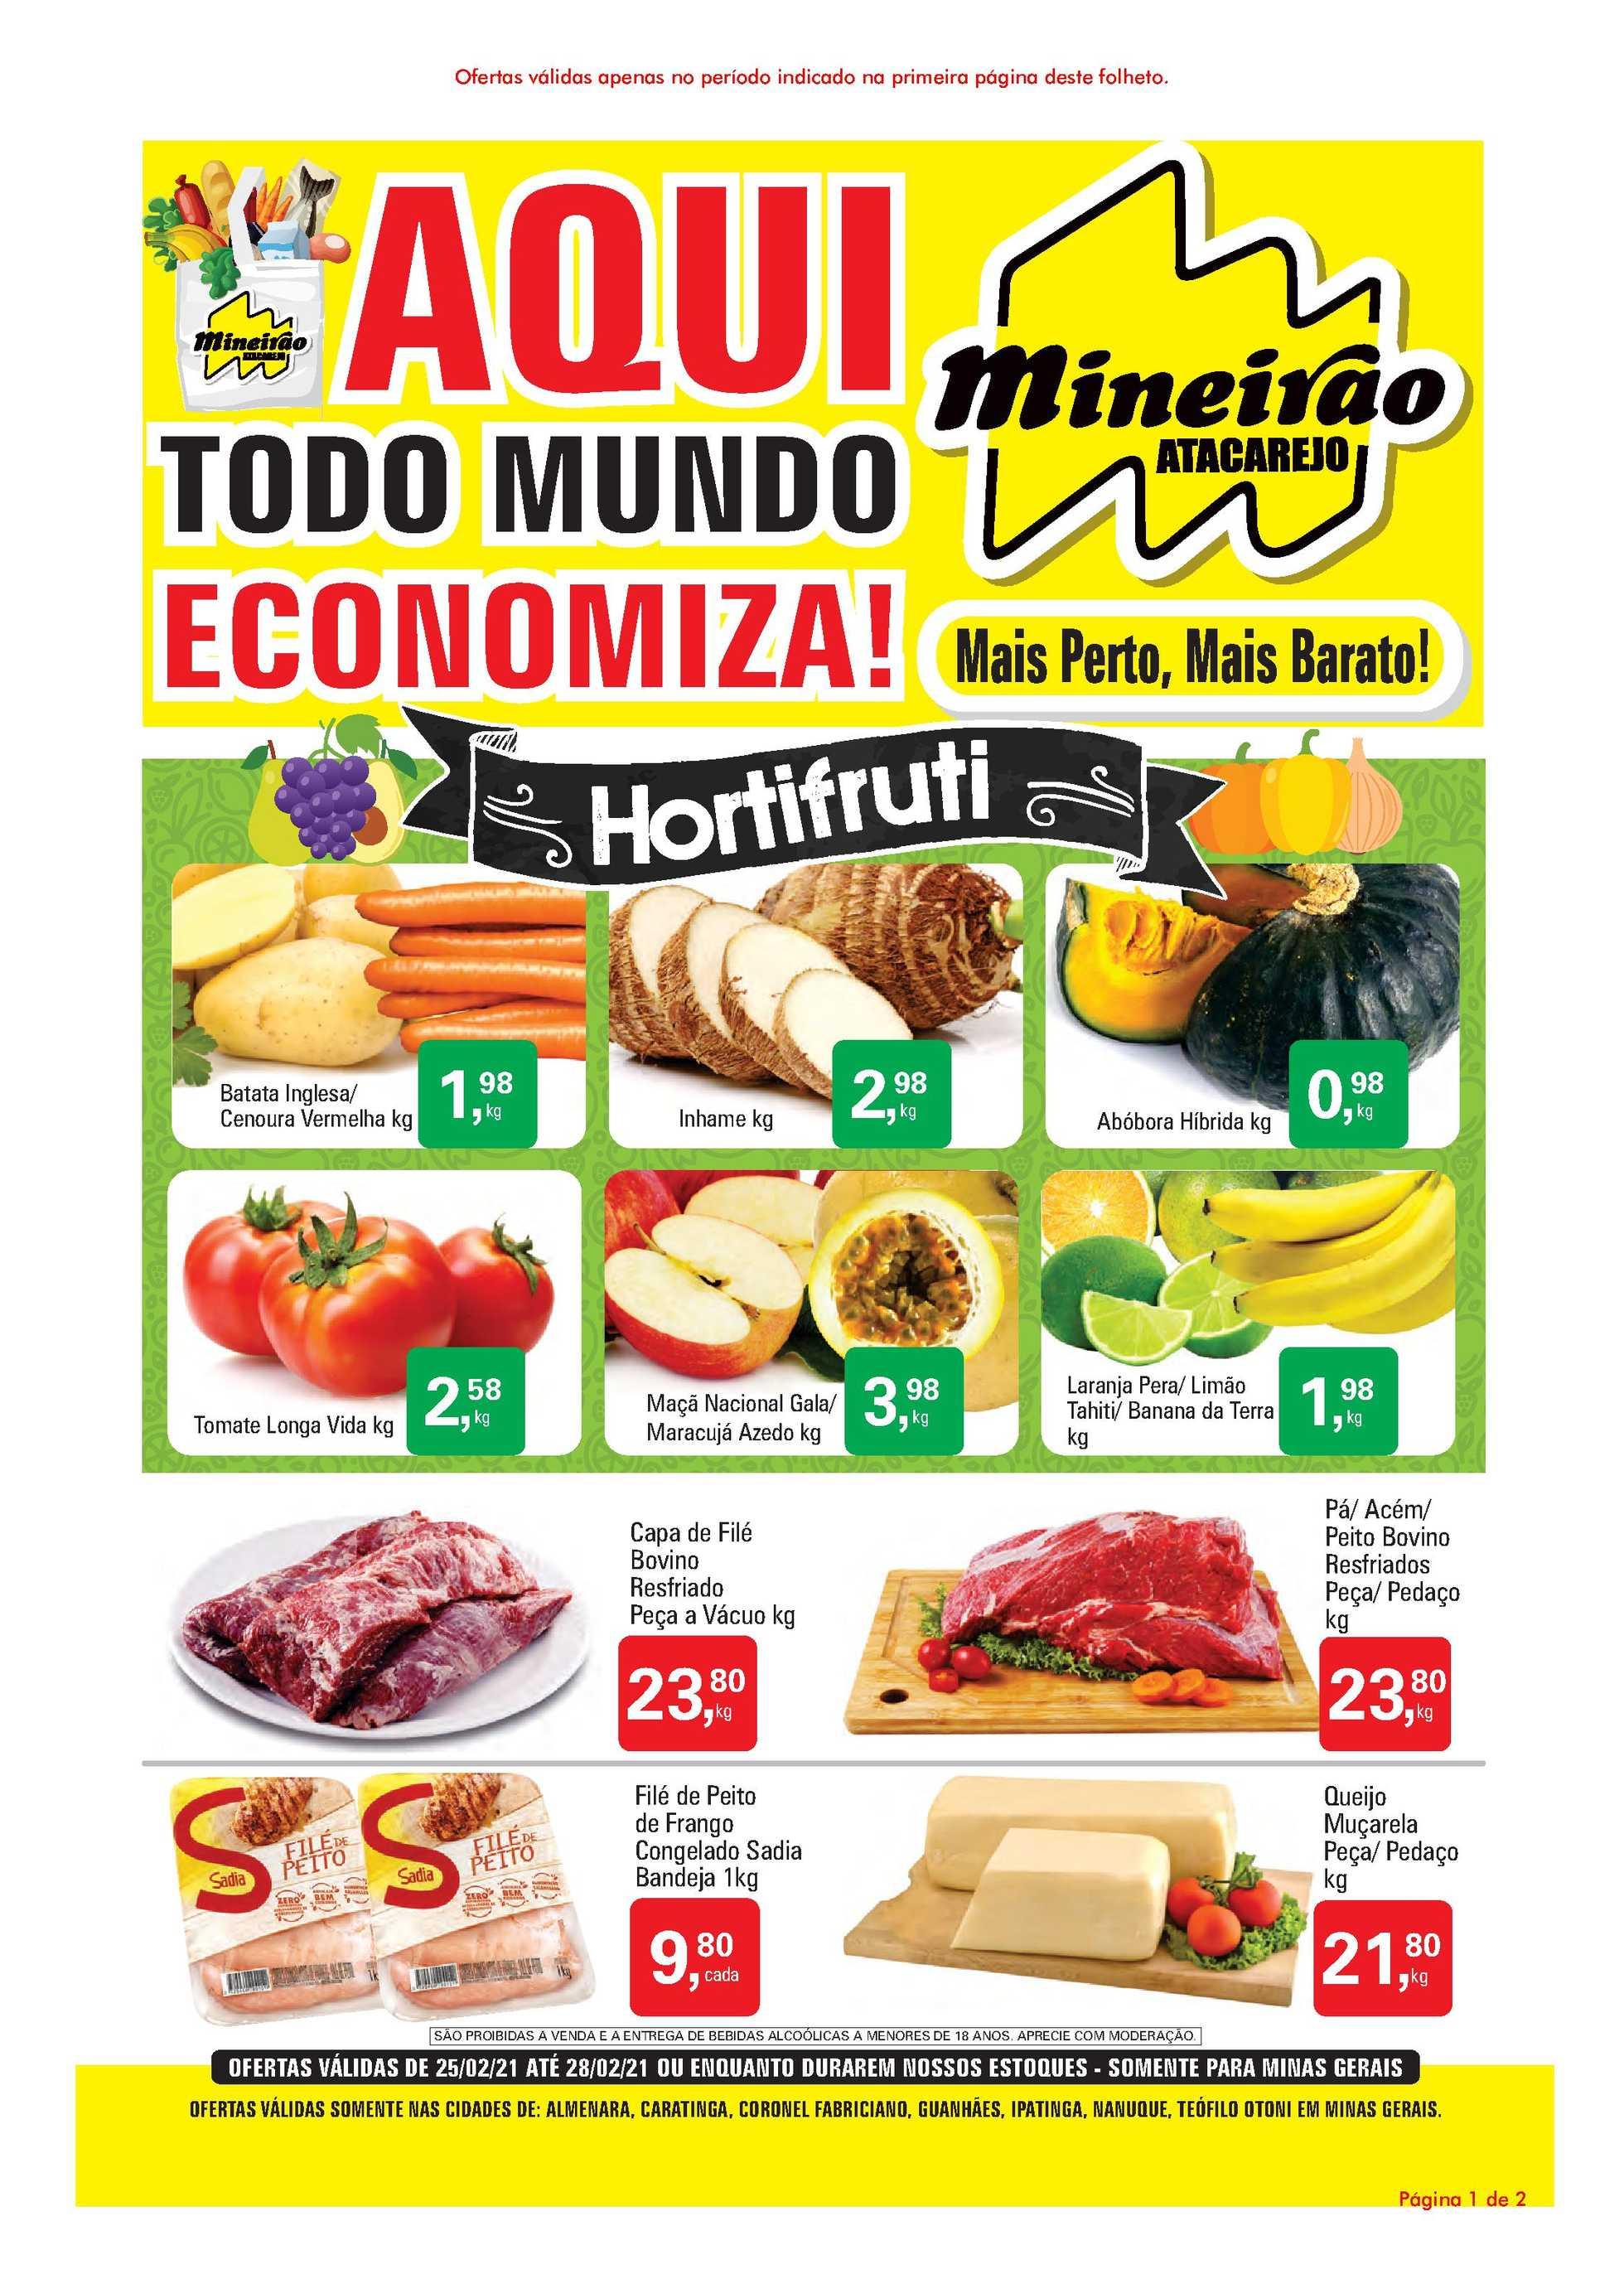 Mineirão Atacarejo - encarte válido de 26.02.2021 até 28.02.2021 - página 1.